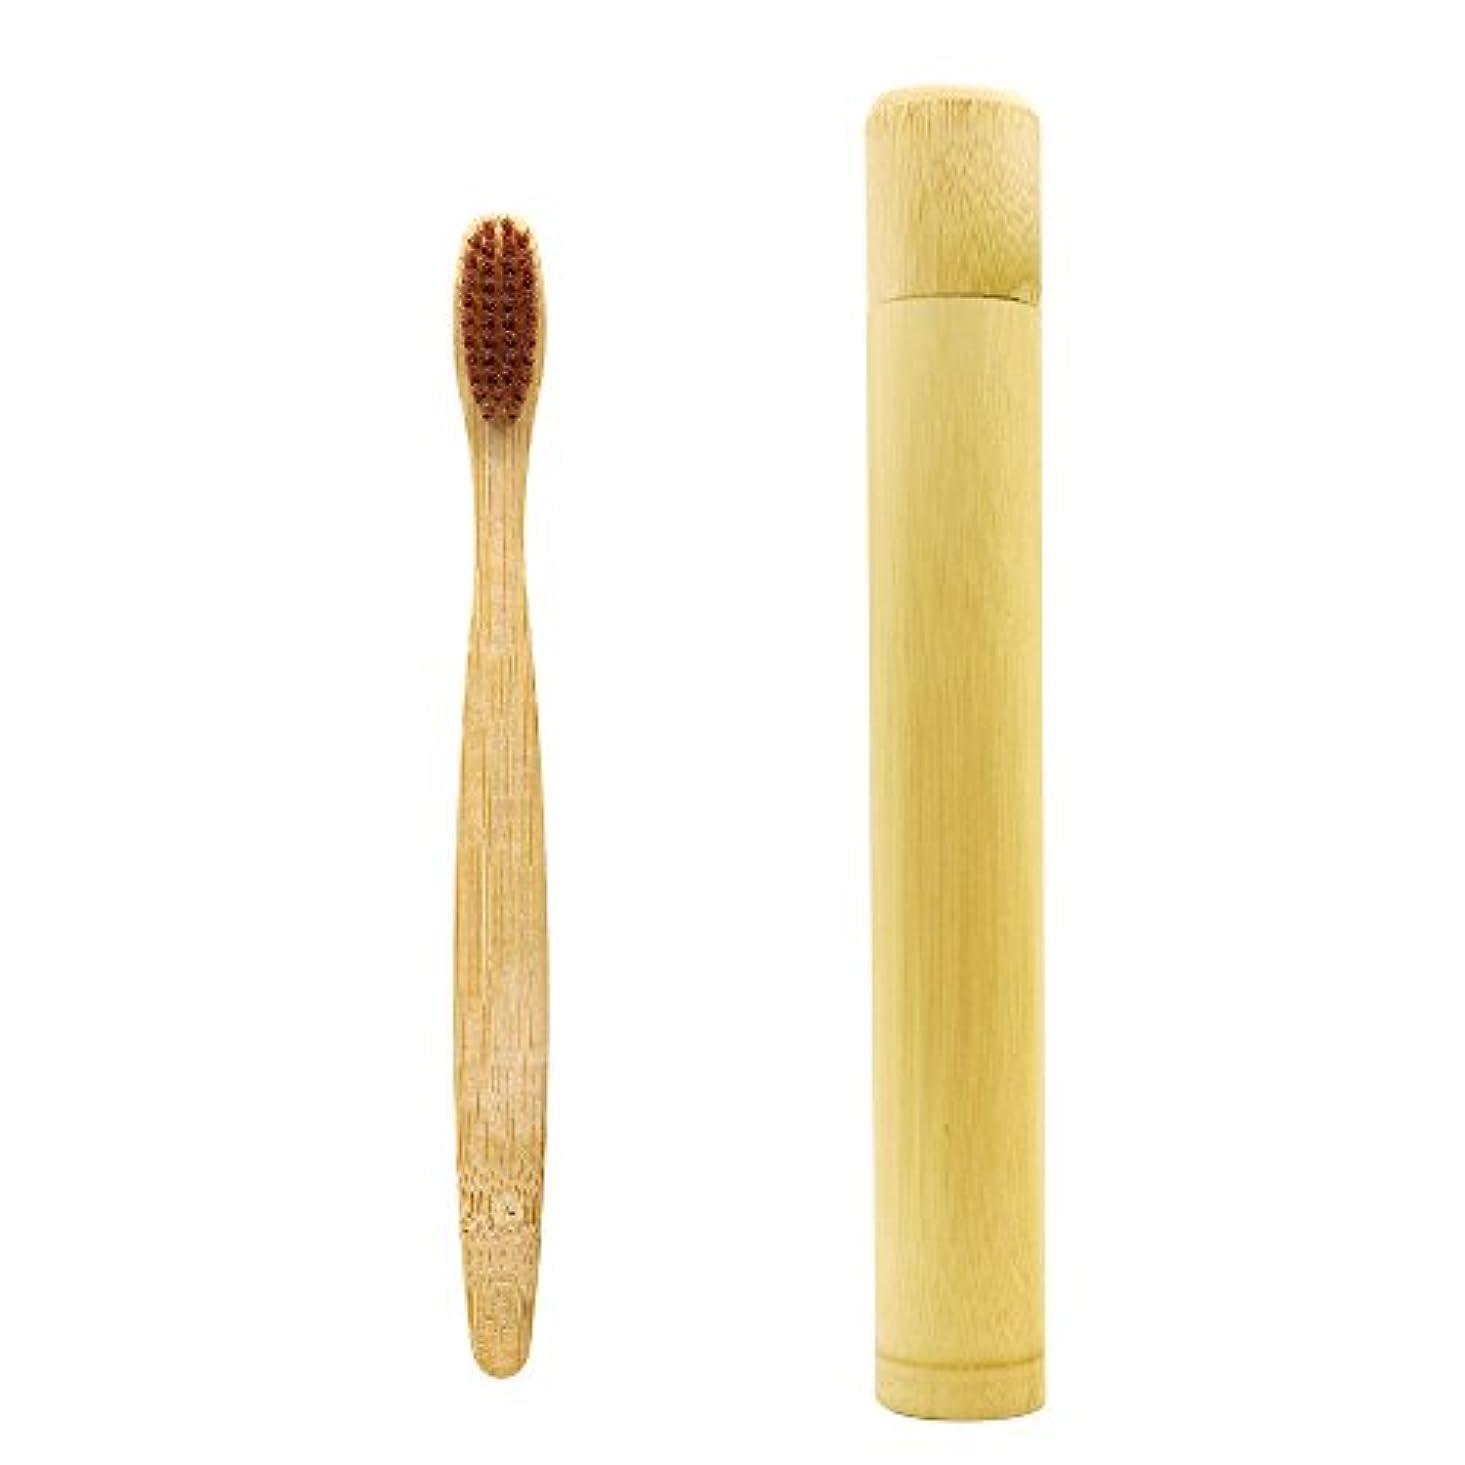 一般シェル思いつくN-amboo 歯ブラシ ケース付き 竹製 耐久性 出張旅行 携帯便利 エコ